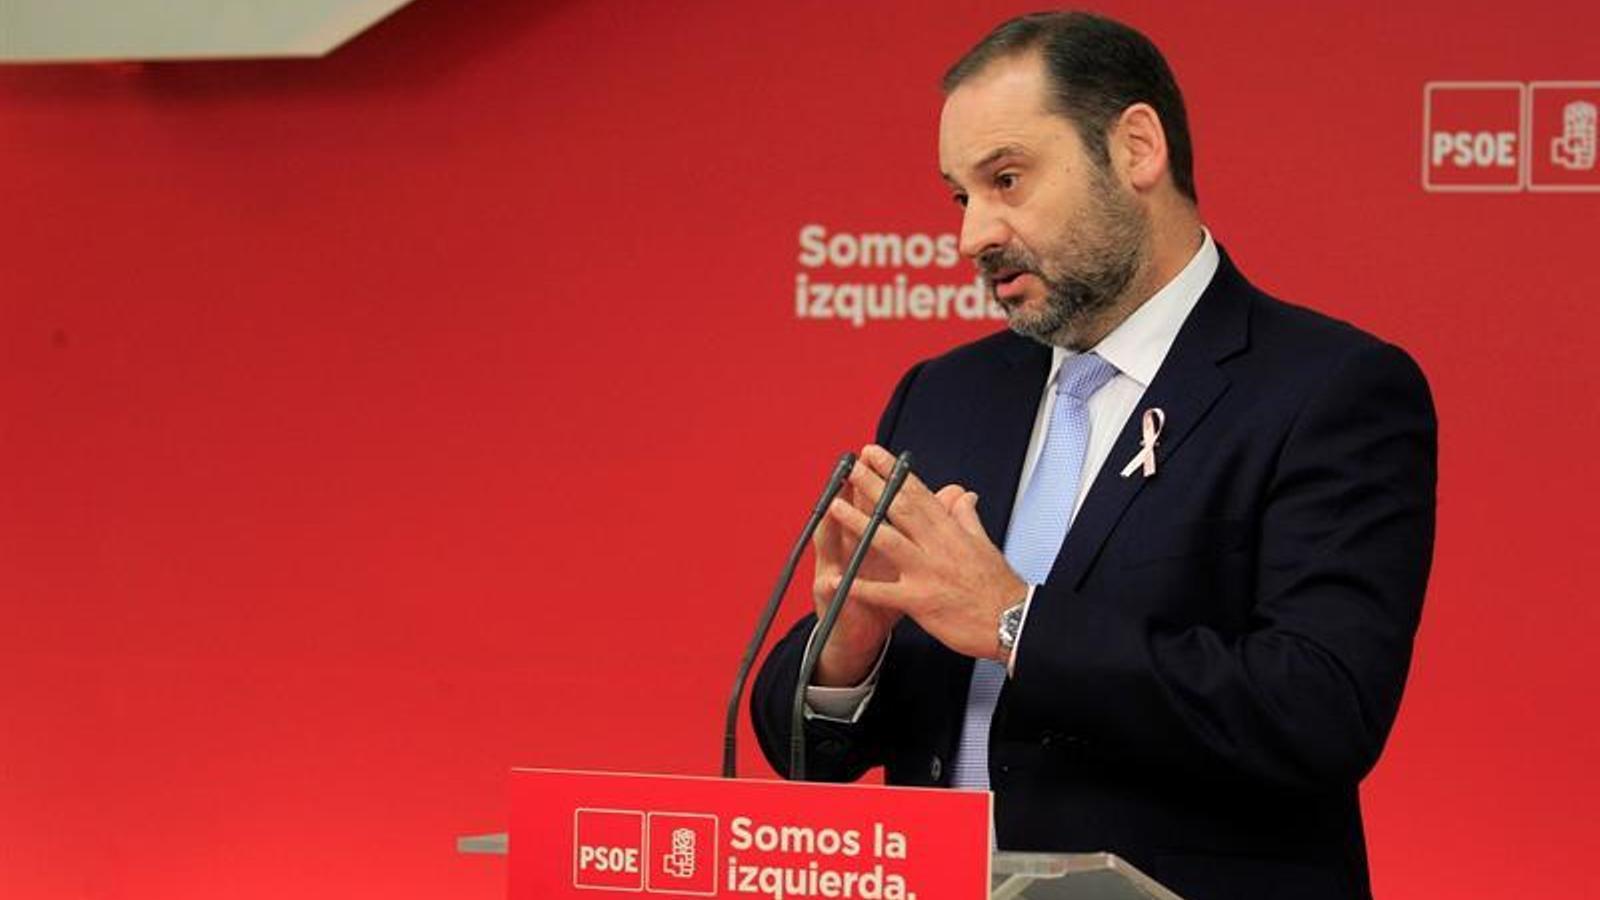 José Luis Ábalos referma el seu compromís de lliurar de peatges les autopistes